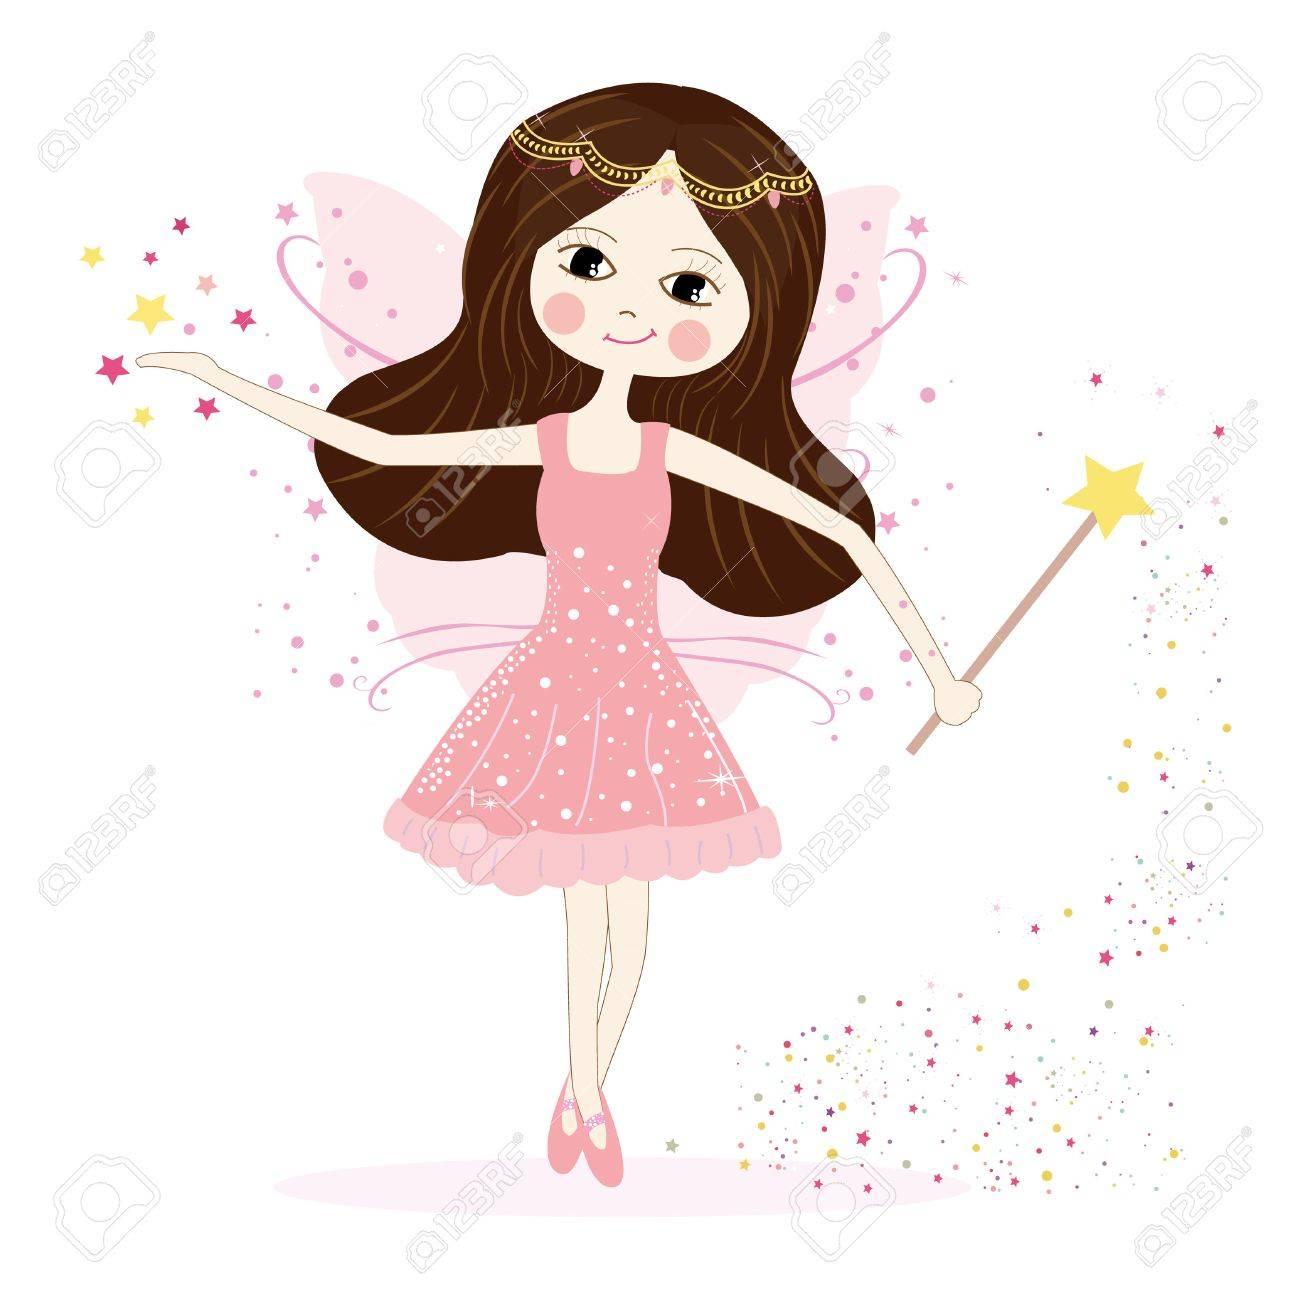 Cute fairy girl vector with stars - 34612473